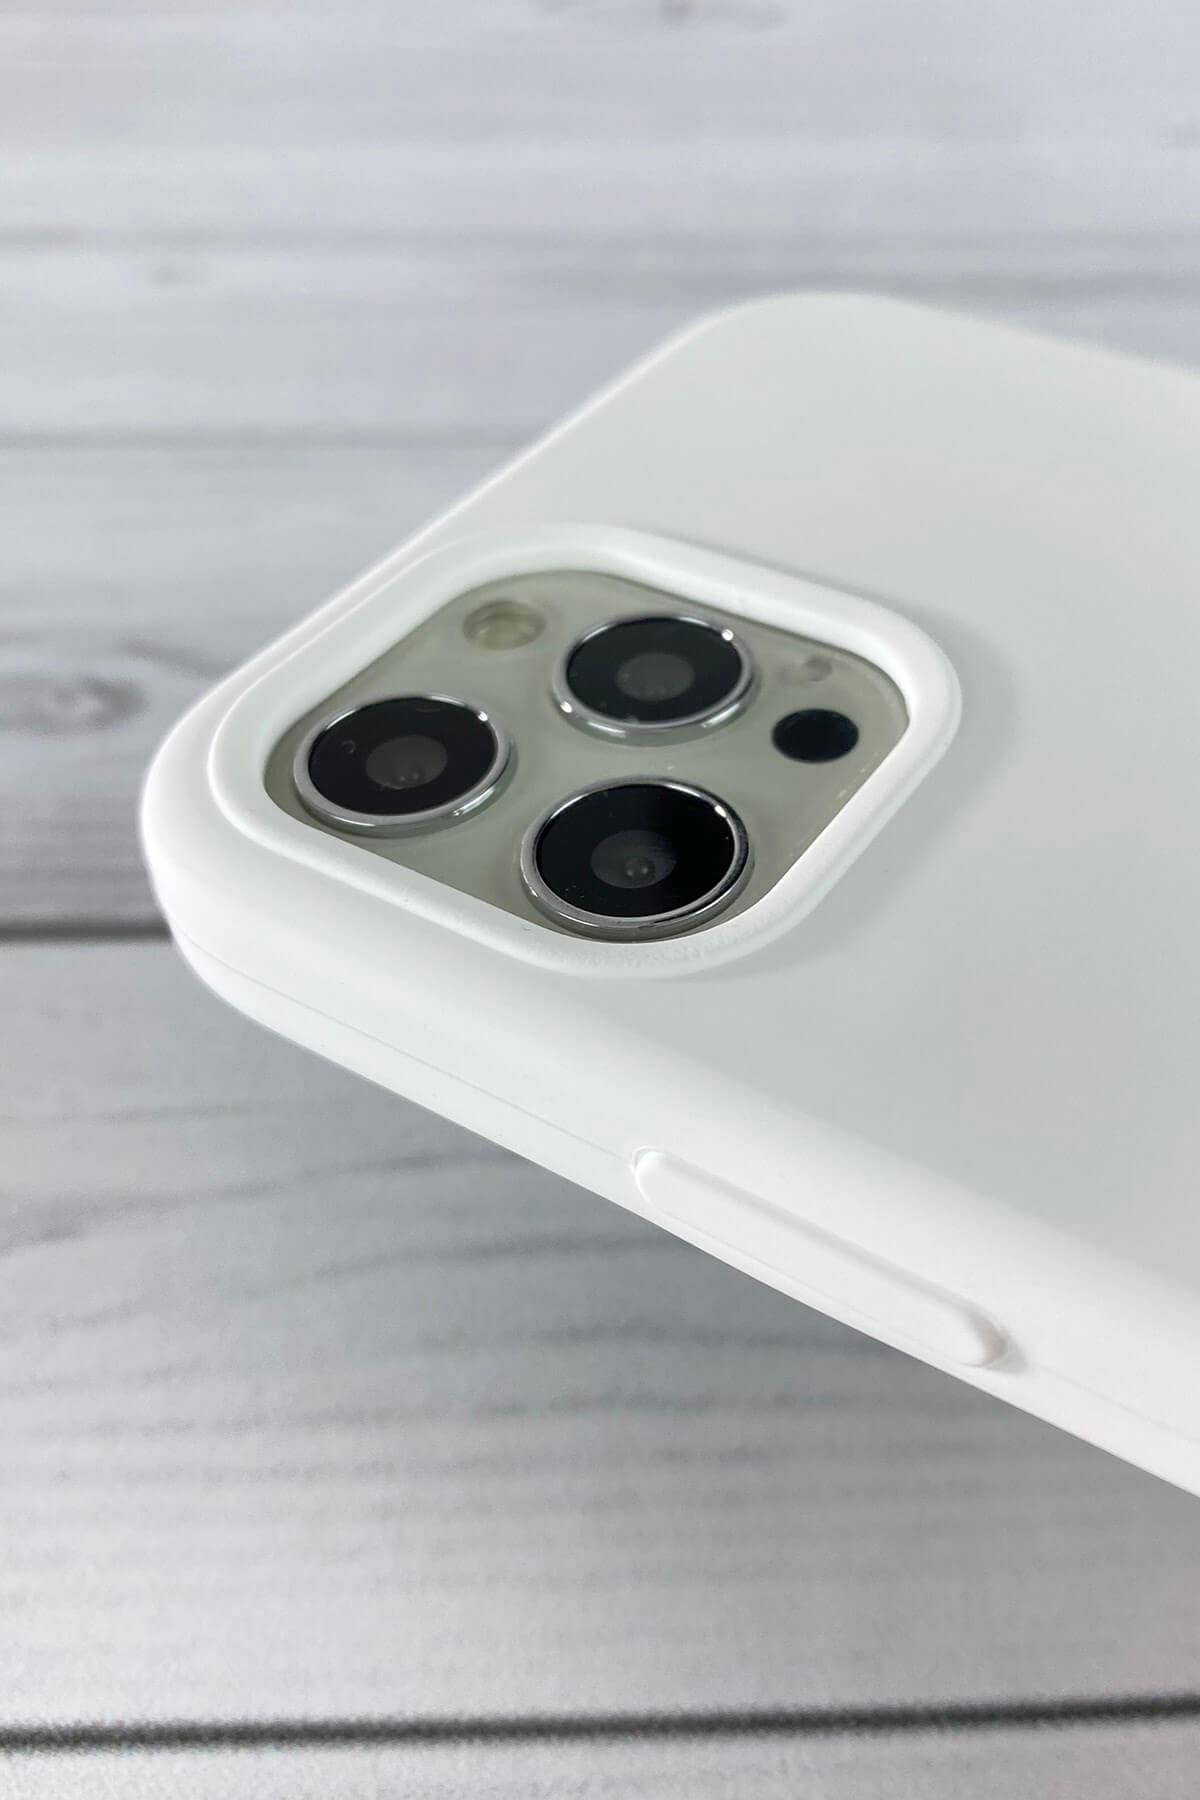 Iphone Beyaz Lansman Kılıf 12 Promax